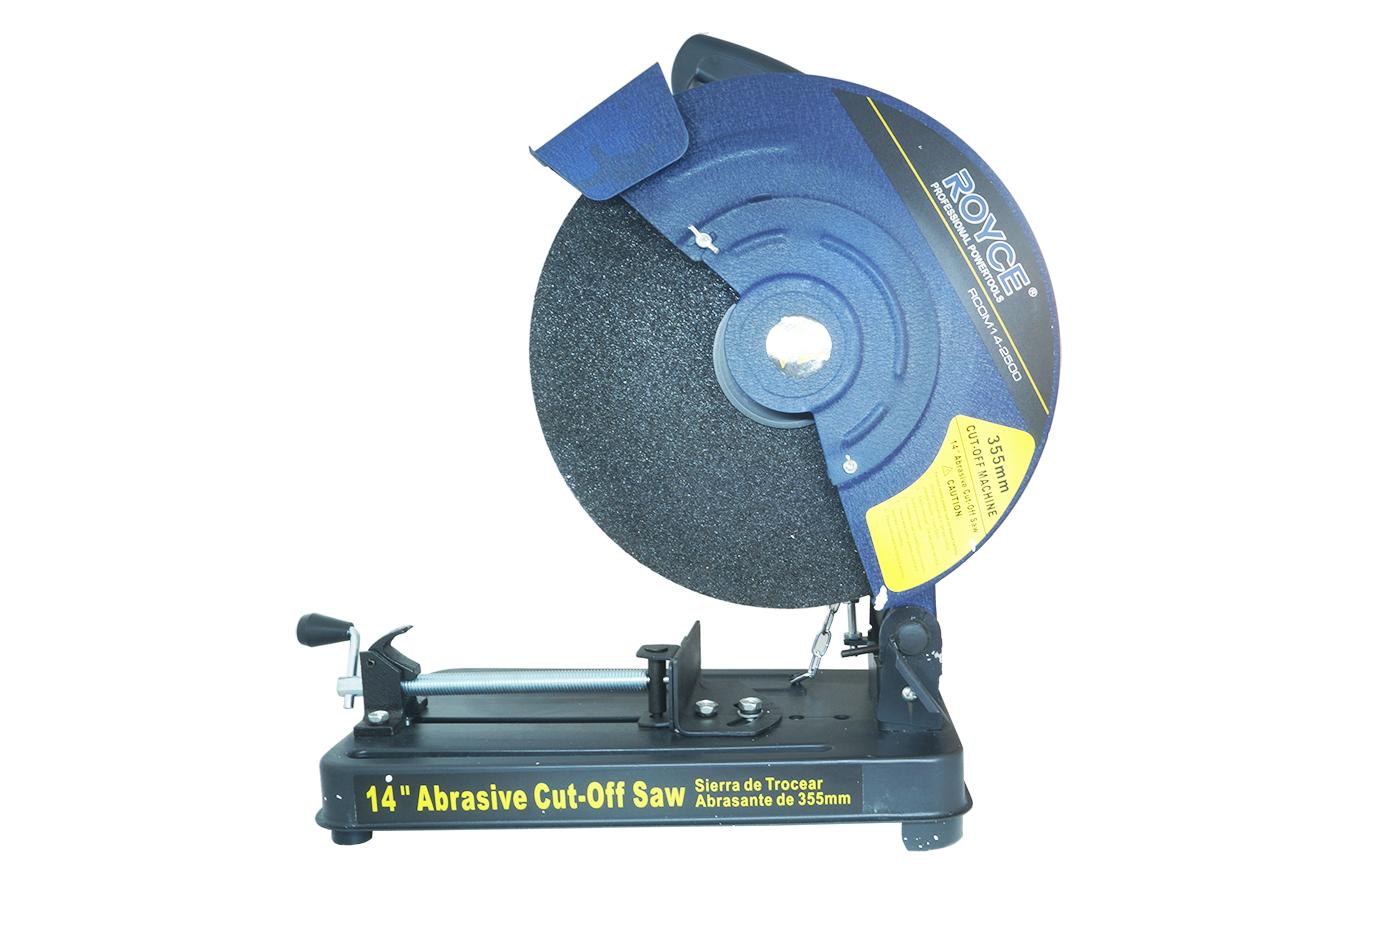 Banco Da Lavoro Per Troncatrice : Bes elettroutensili beselettronica troncatrice ferro